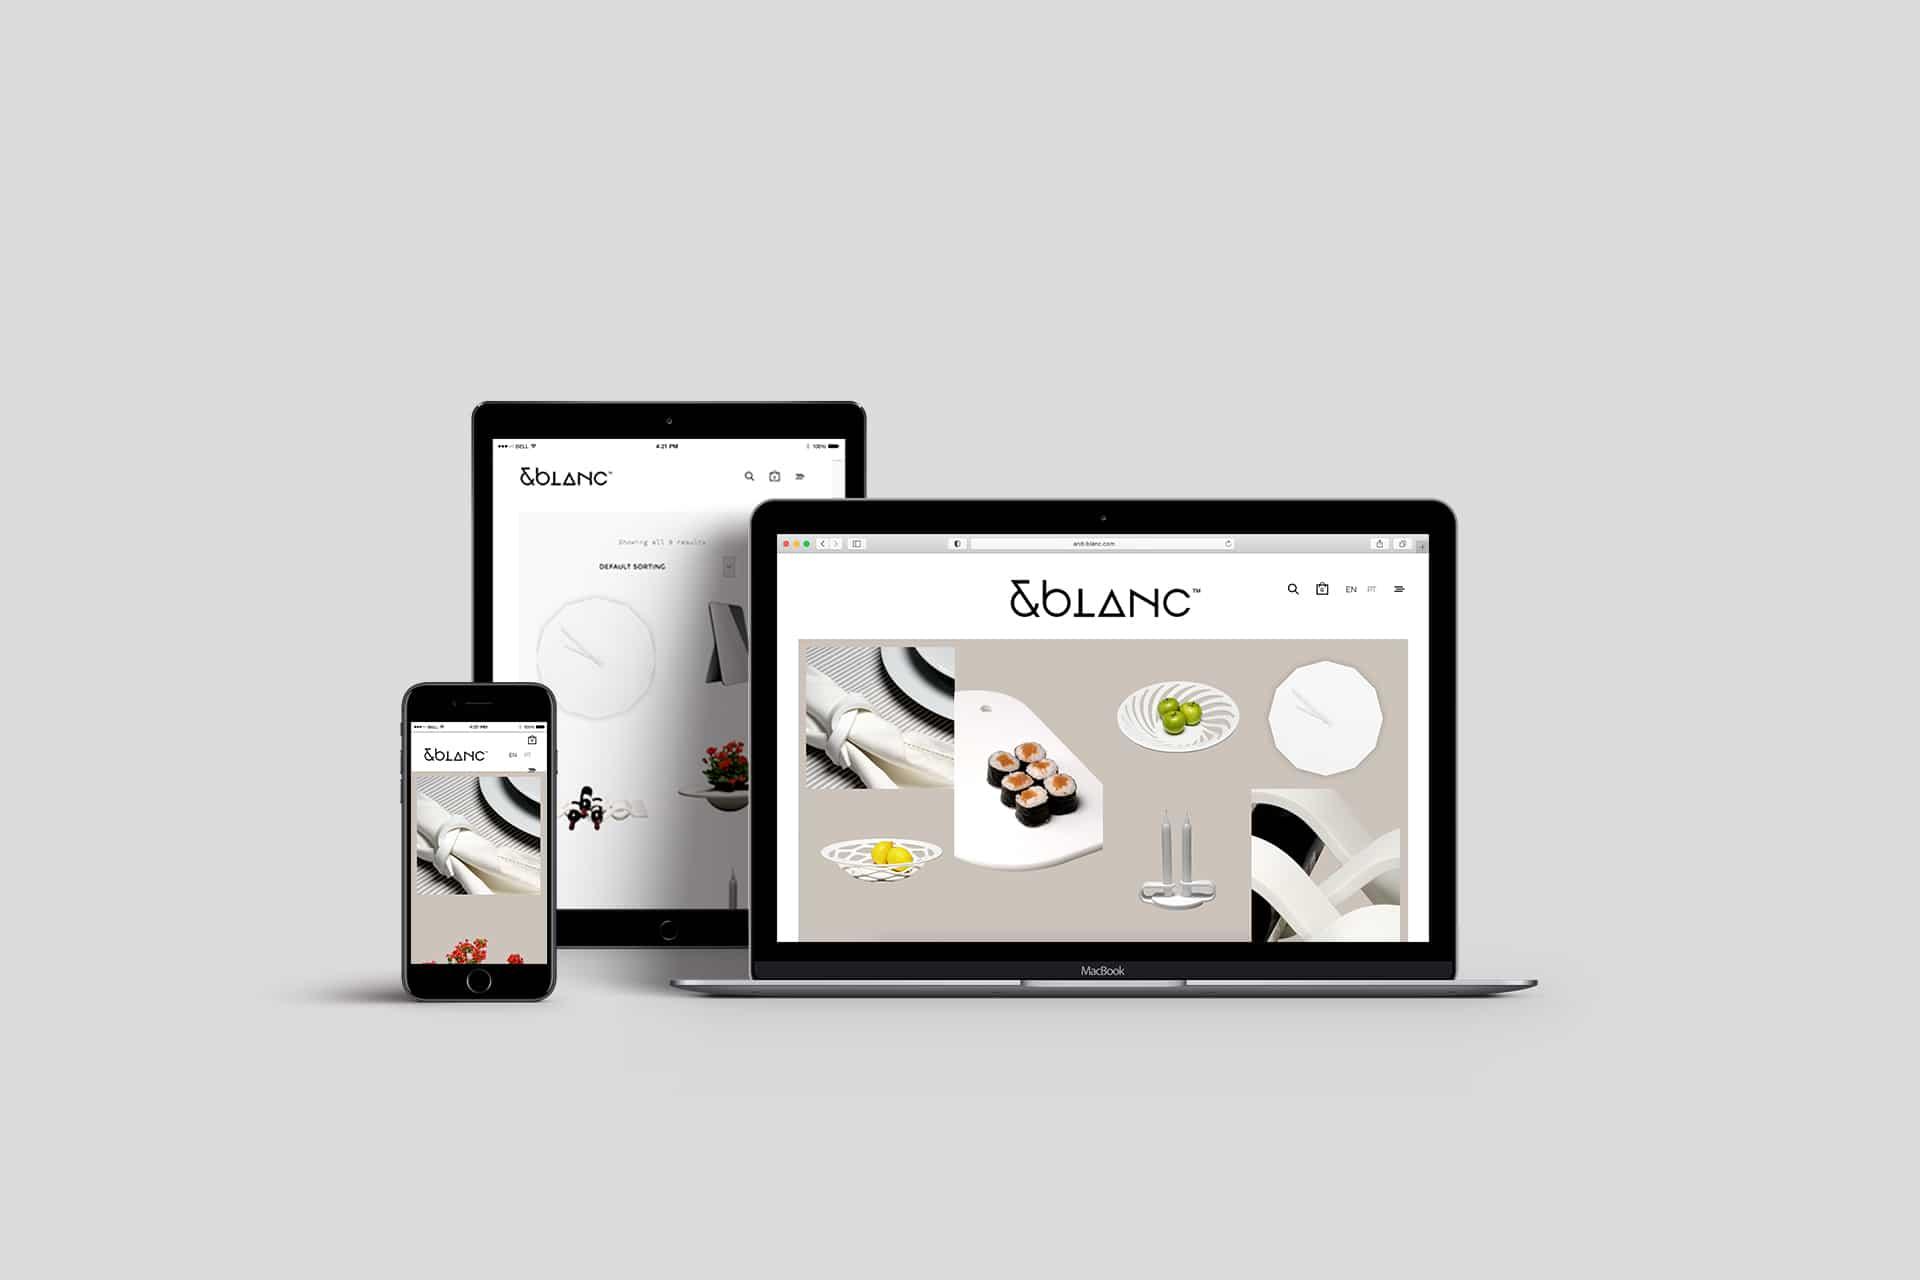 Web_andblanc_Mockup Logo - DESIGN BY MIGUEL SOEIRO